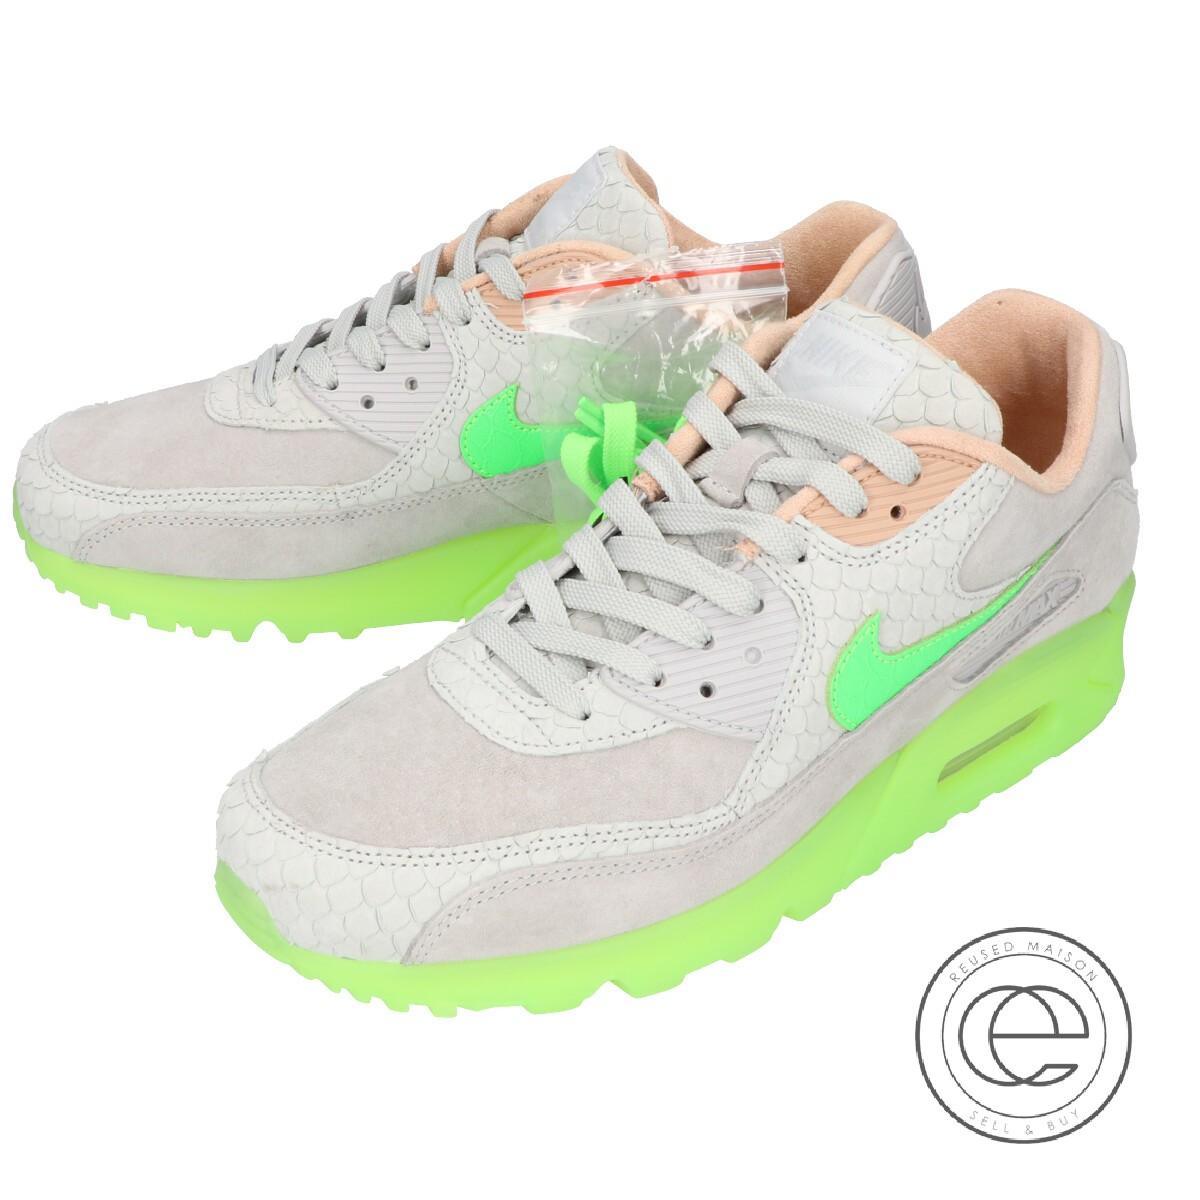 NIKE Nike CQ0786 001 AIR MAX 90 PREMIUM Air Max 90 premium sneakers 26cm PURE PLATINUMELECTRIC GREEN men